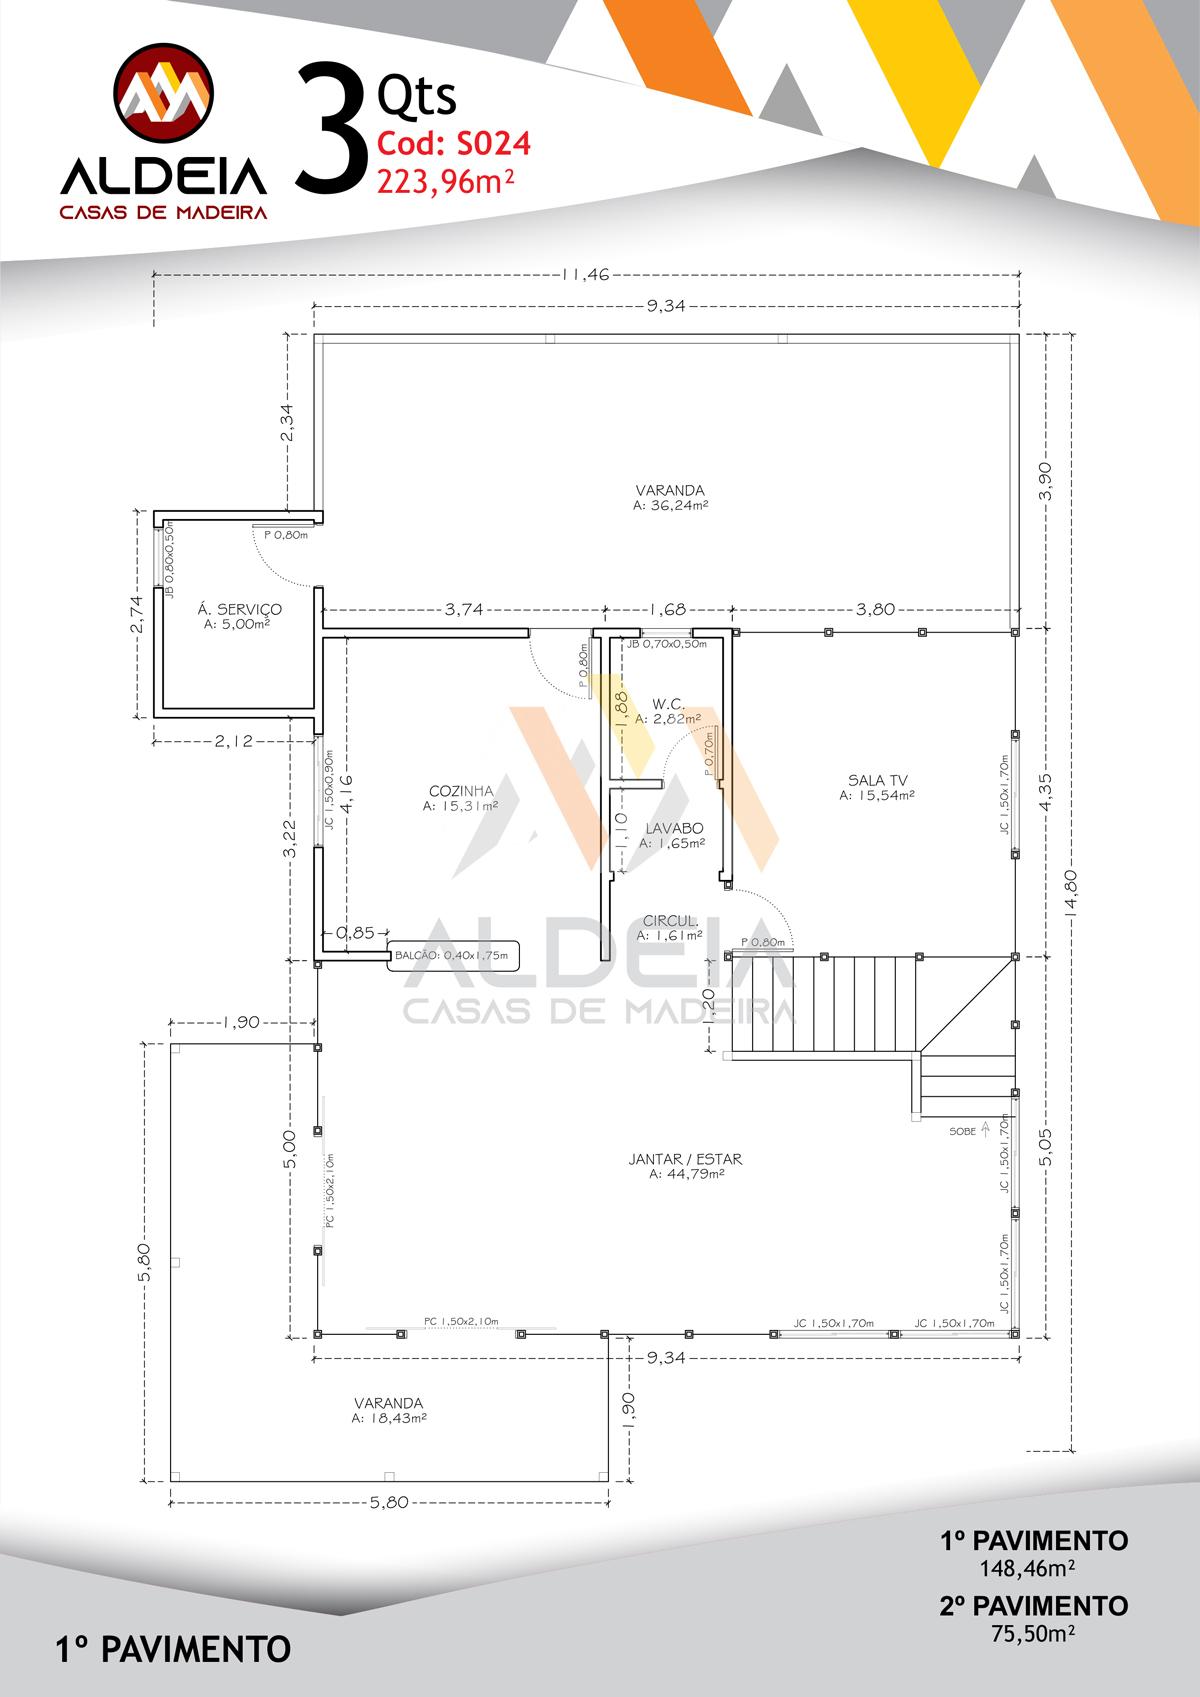 aldeia-casas-madeira-arquitetura-S024-1